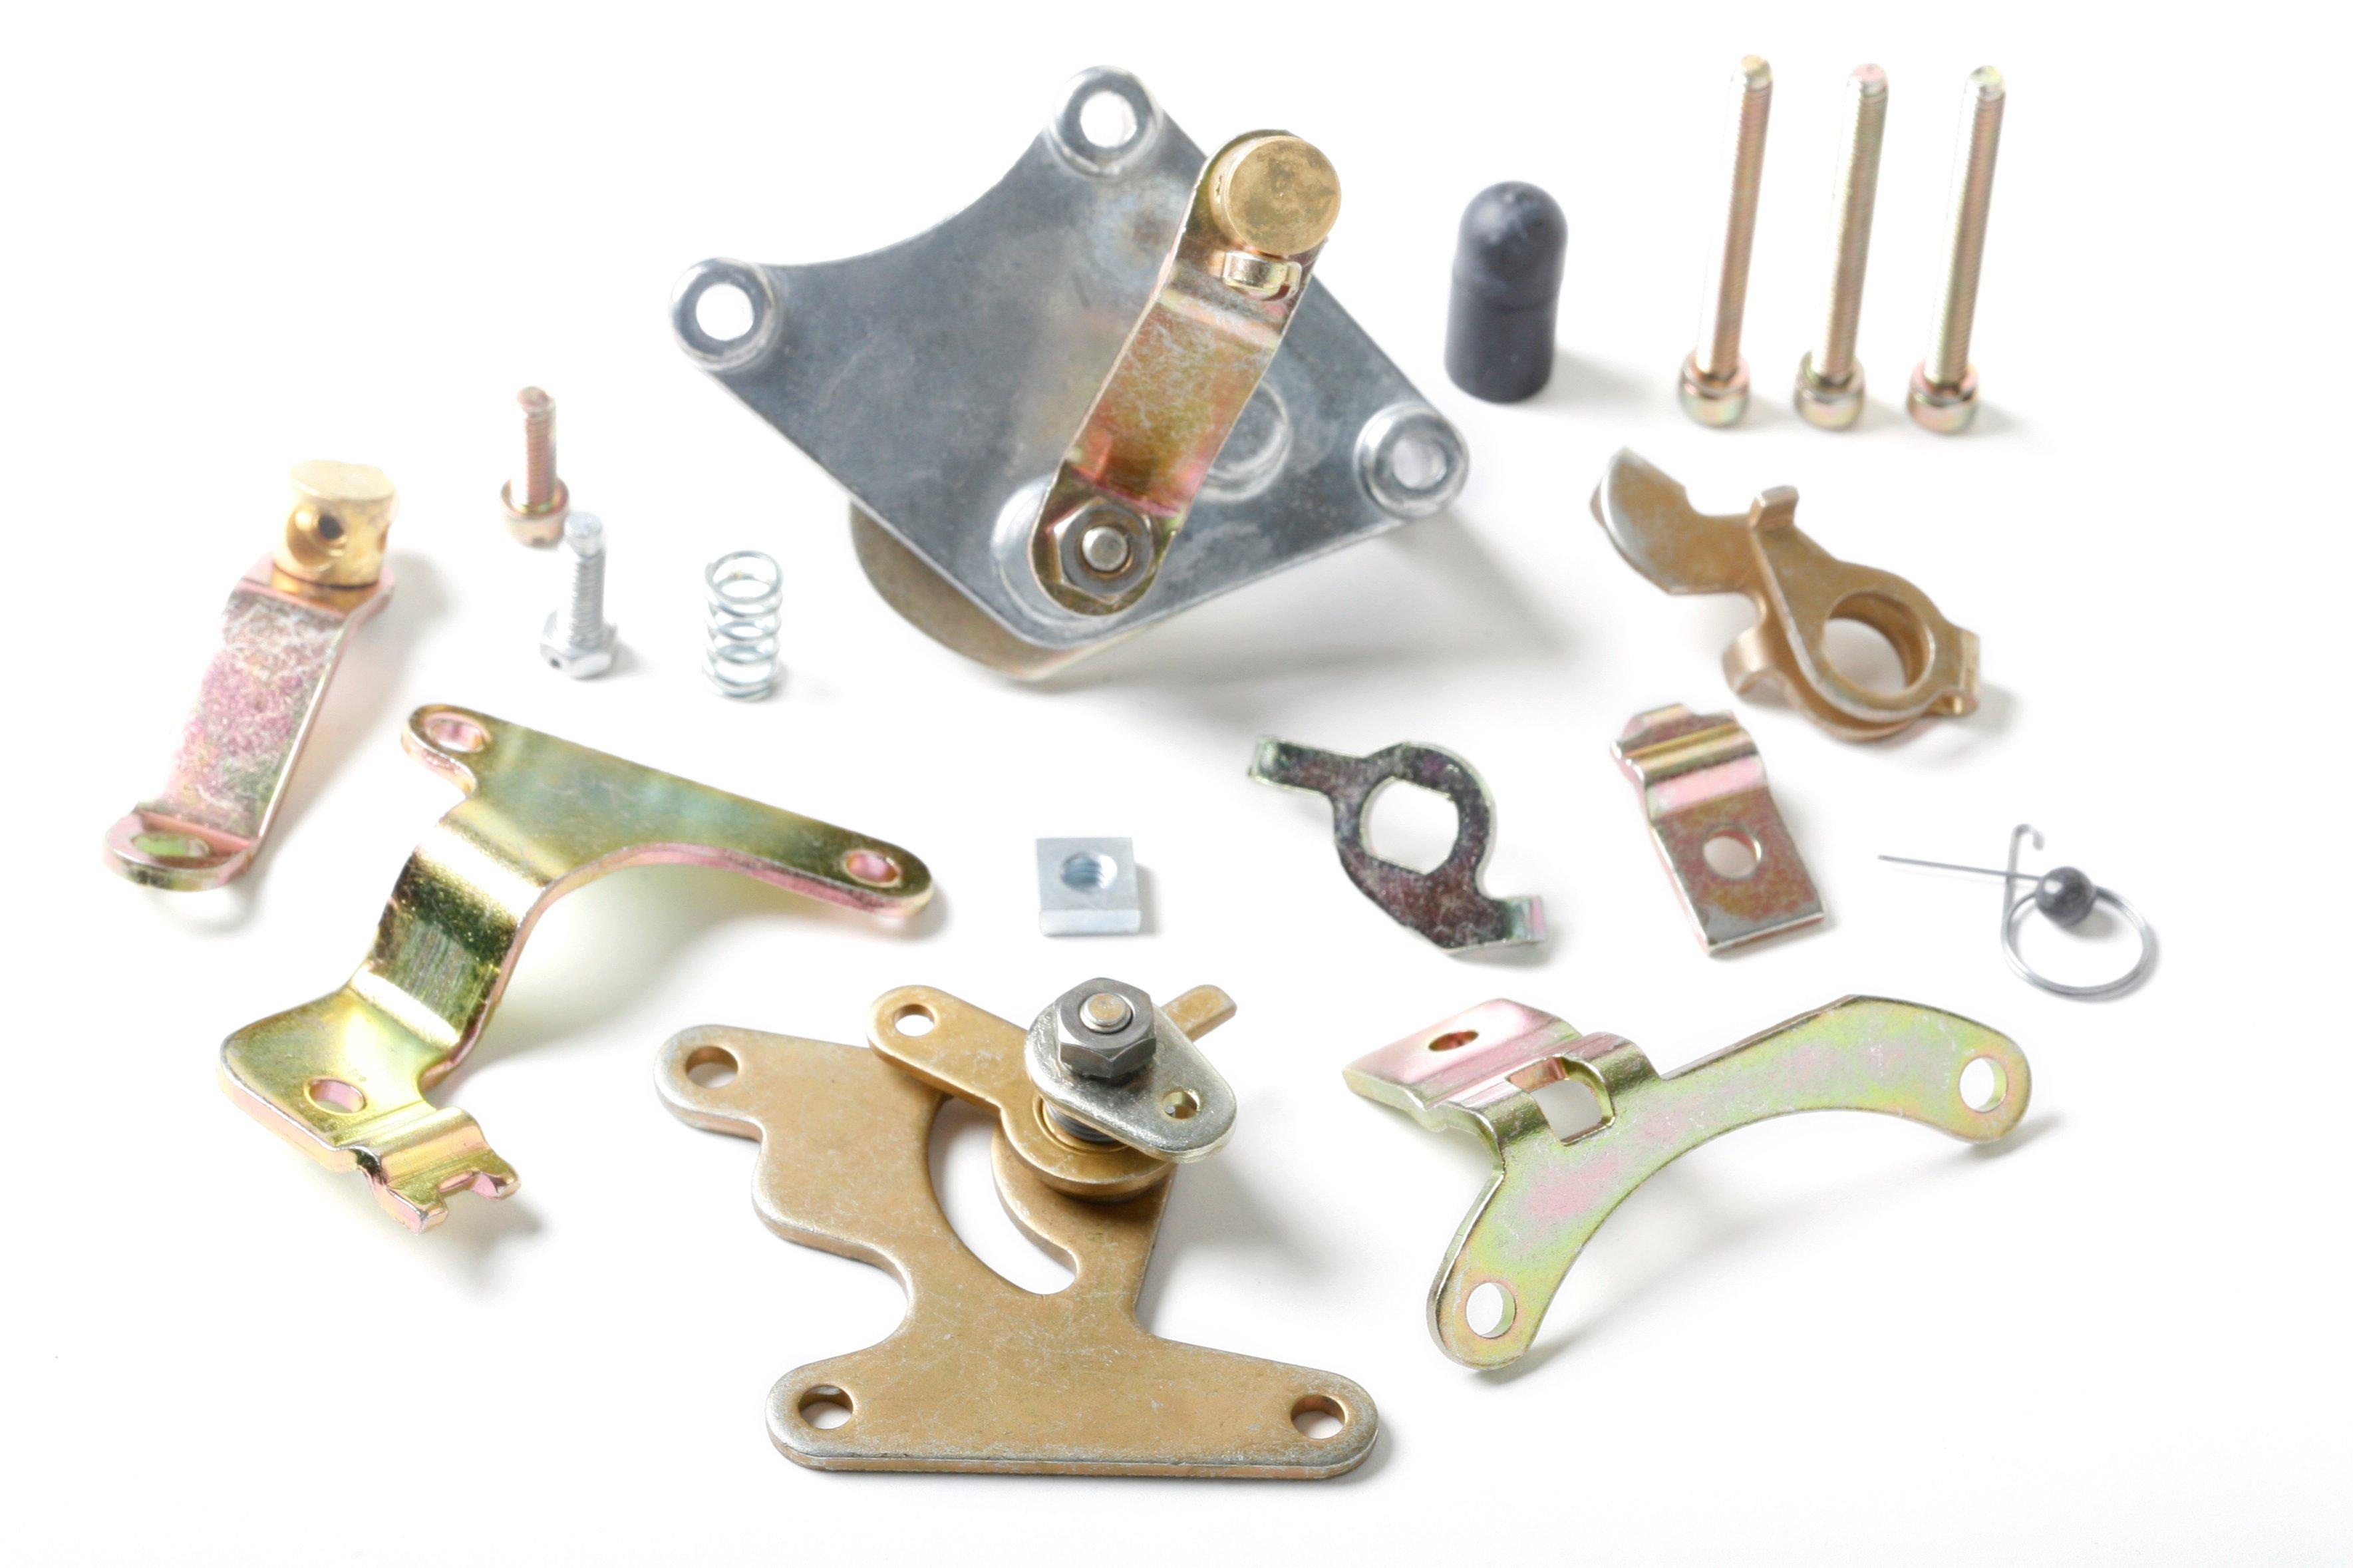 Manual Choke Kits Holley 2300 4150 4160 Models Holley 45-225